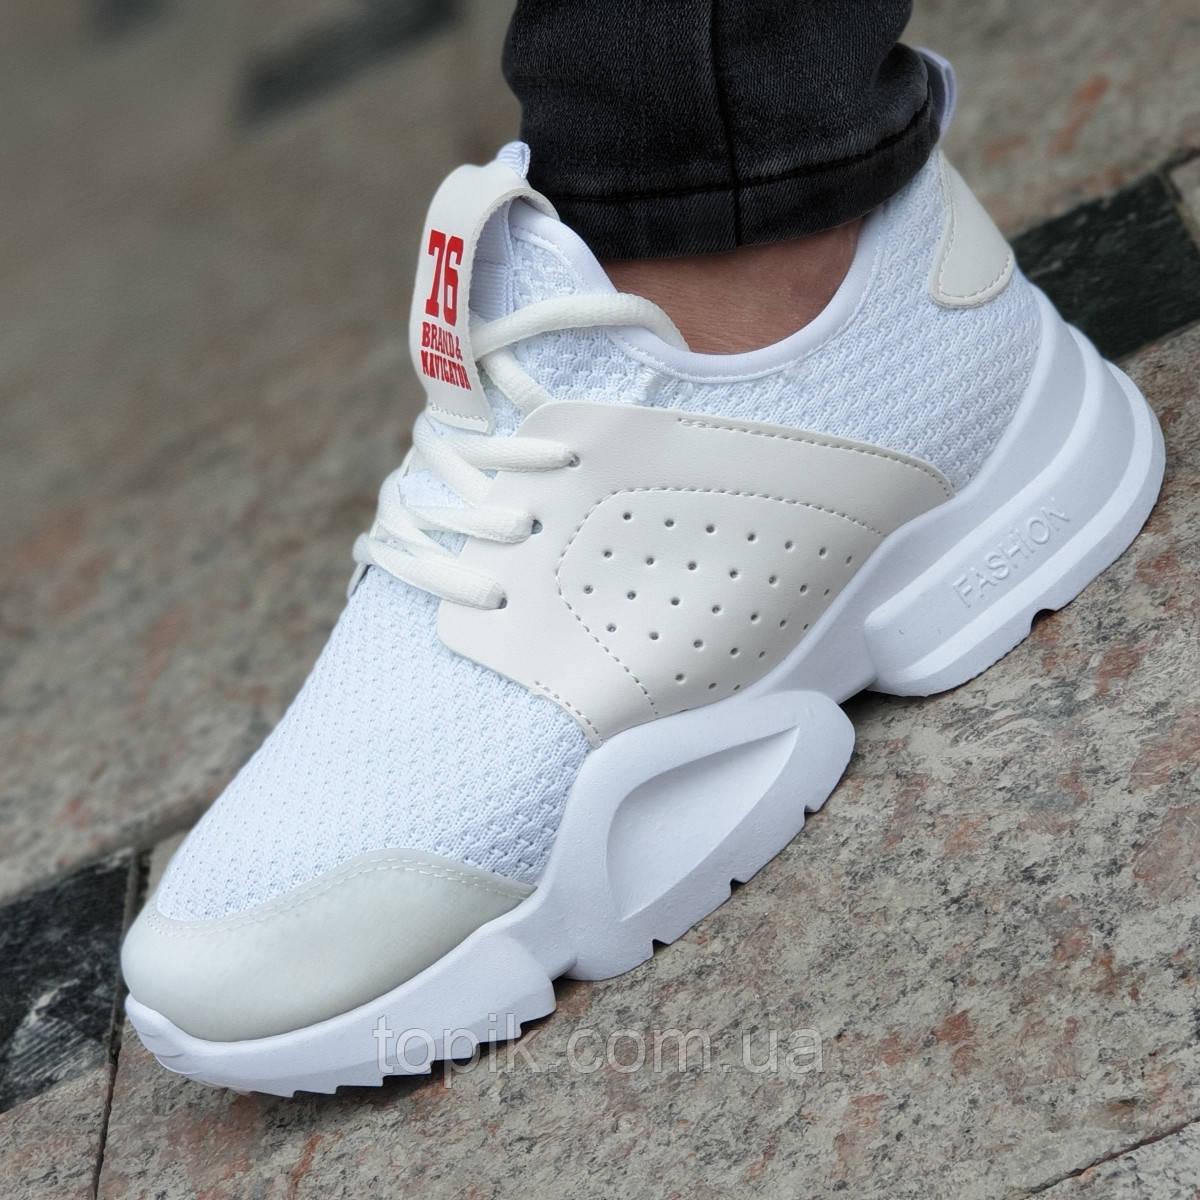 Белые женские кроссовки удобные и красивые из бежевыми вставками легкая подошва (Код: 1344)